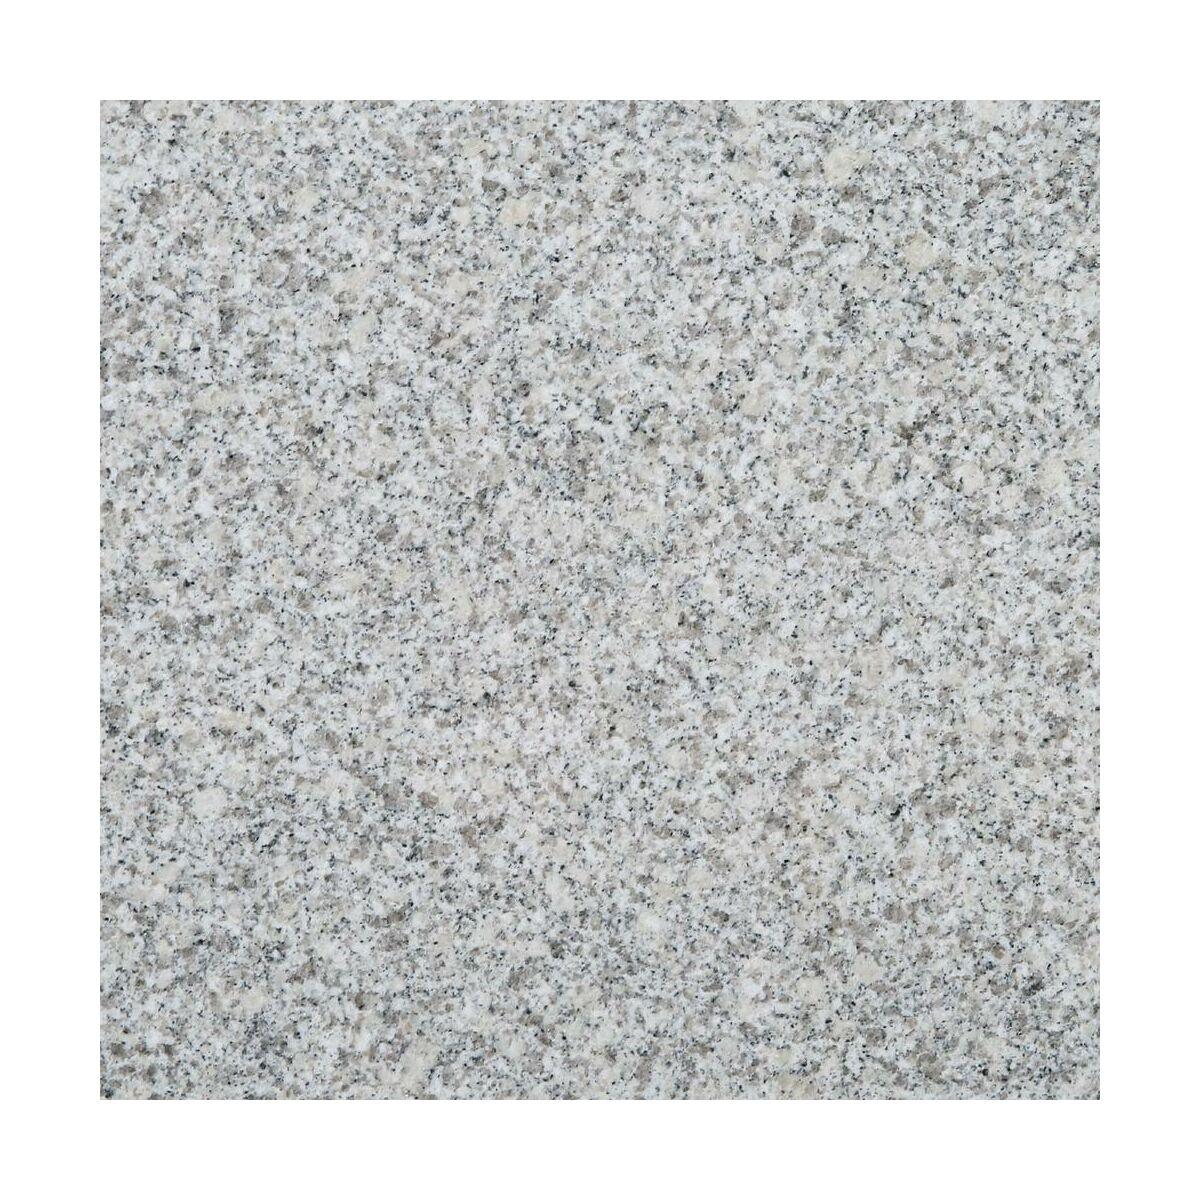 Plyta Granitowa Stone 30 5x30 5 Iryda Granit W Atrakcyjnej Cenie W Sklepach Leroy Merlin